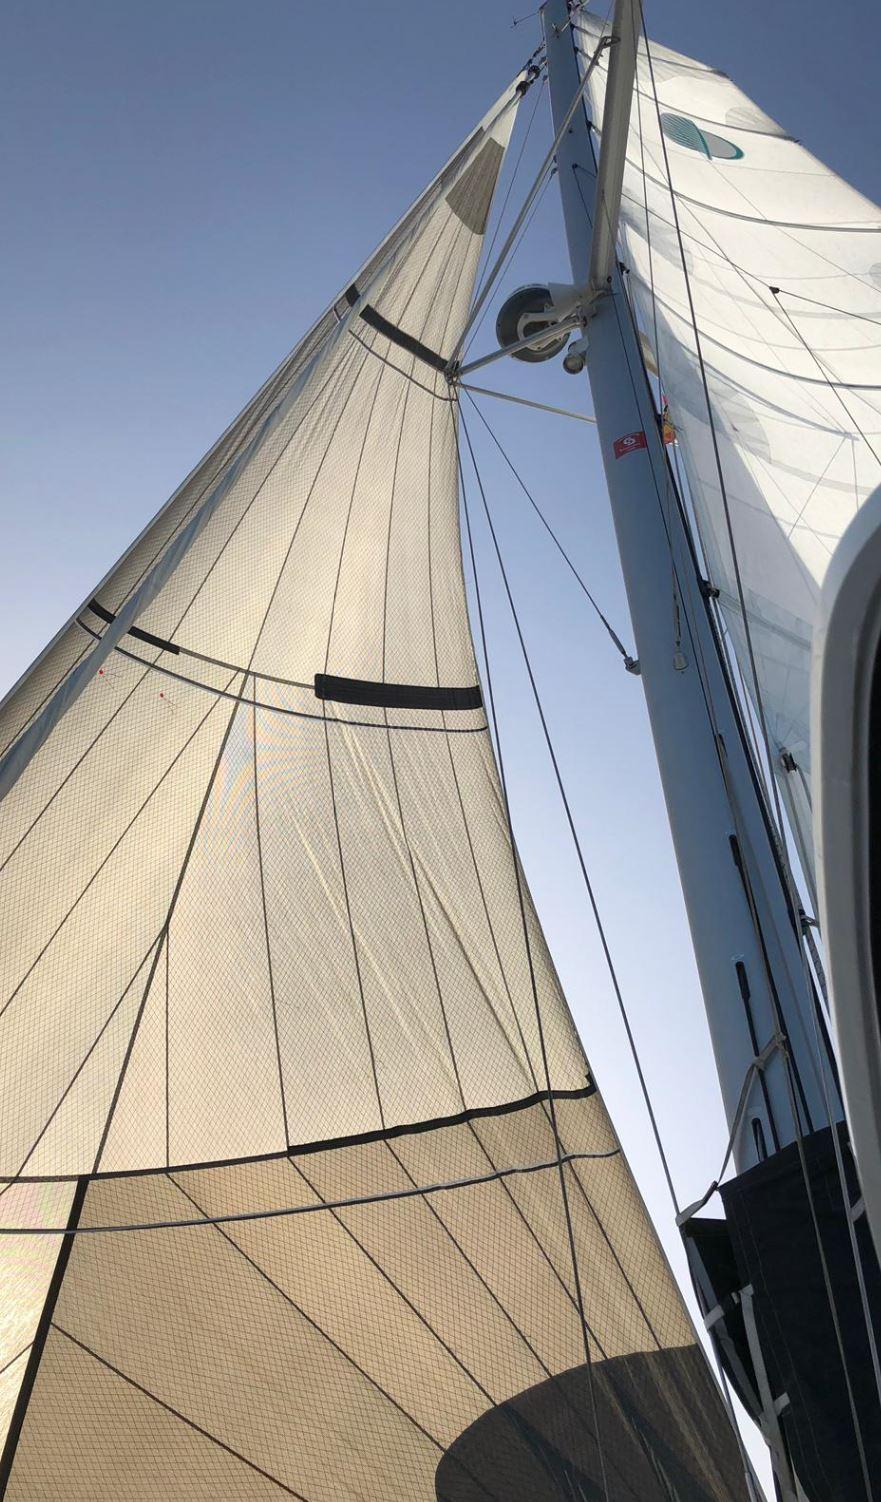 Genau Vorsegel von Yachtchartern Lagoon 42 Janny